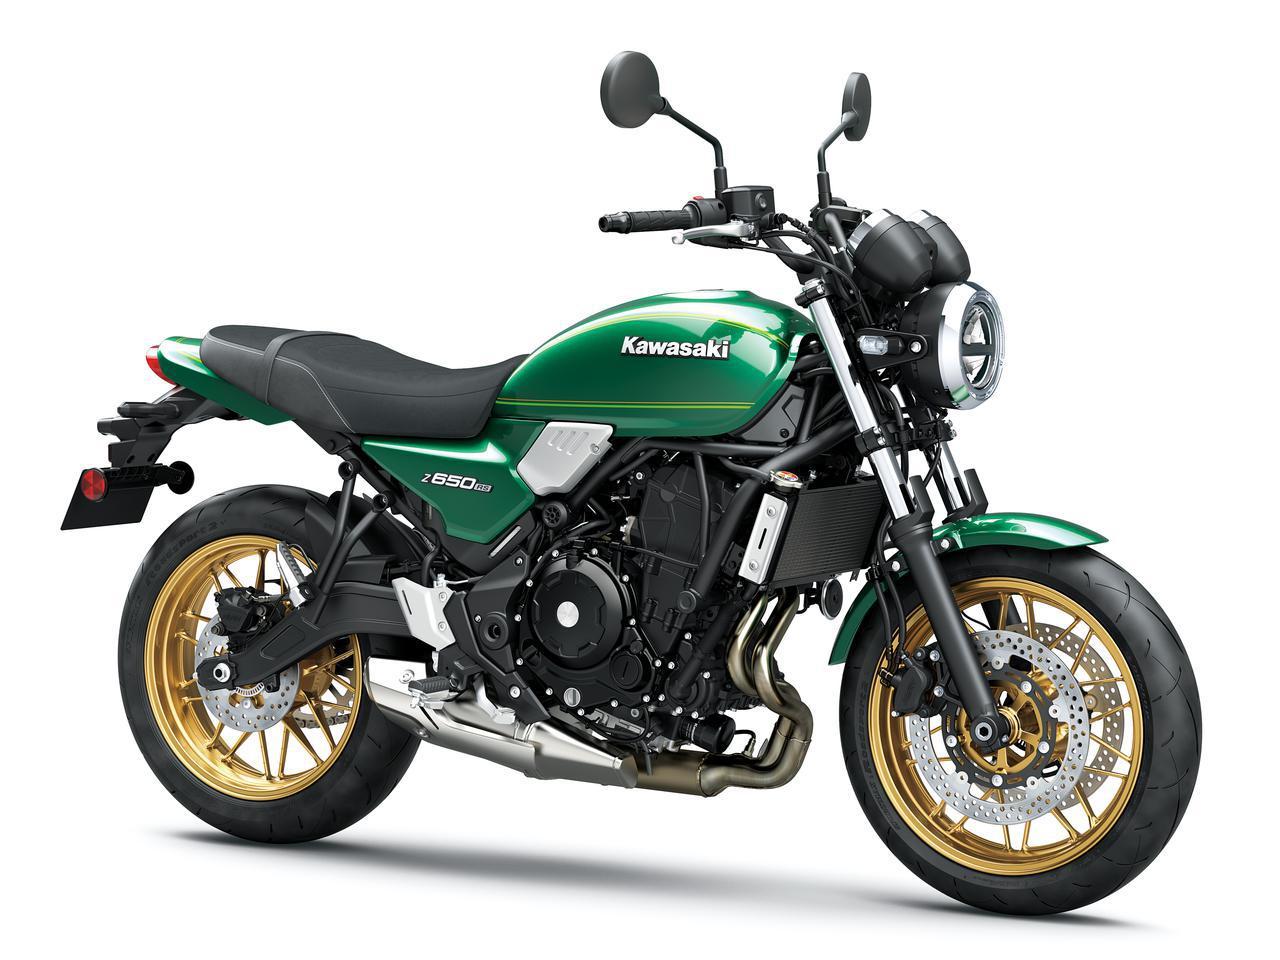 画像4: カワサキ「Z650RS」国内モデルに関する情報|発売時期が明らかに! 日本での販売価格も予想【2022速報】